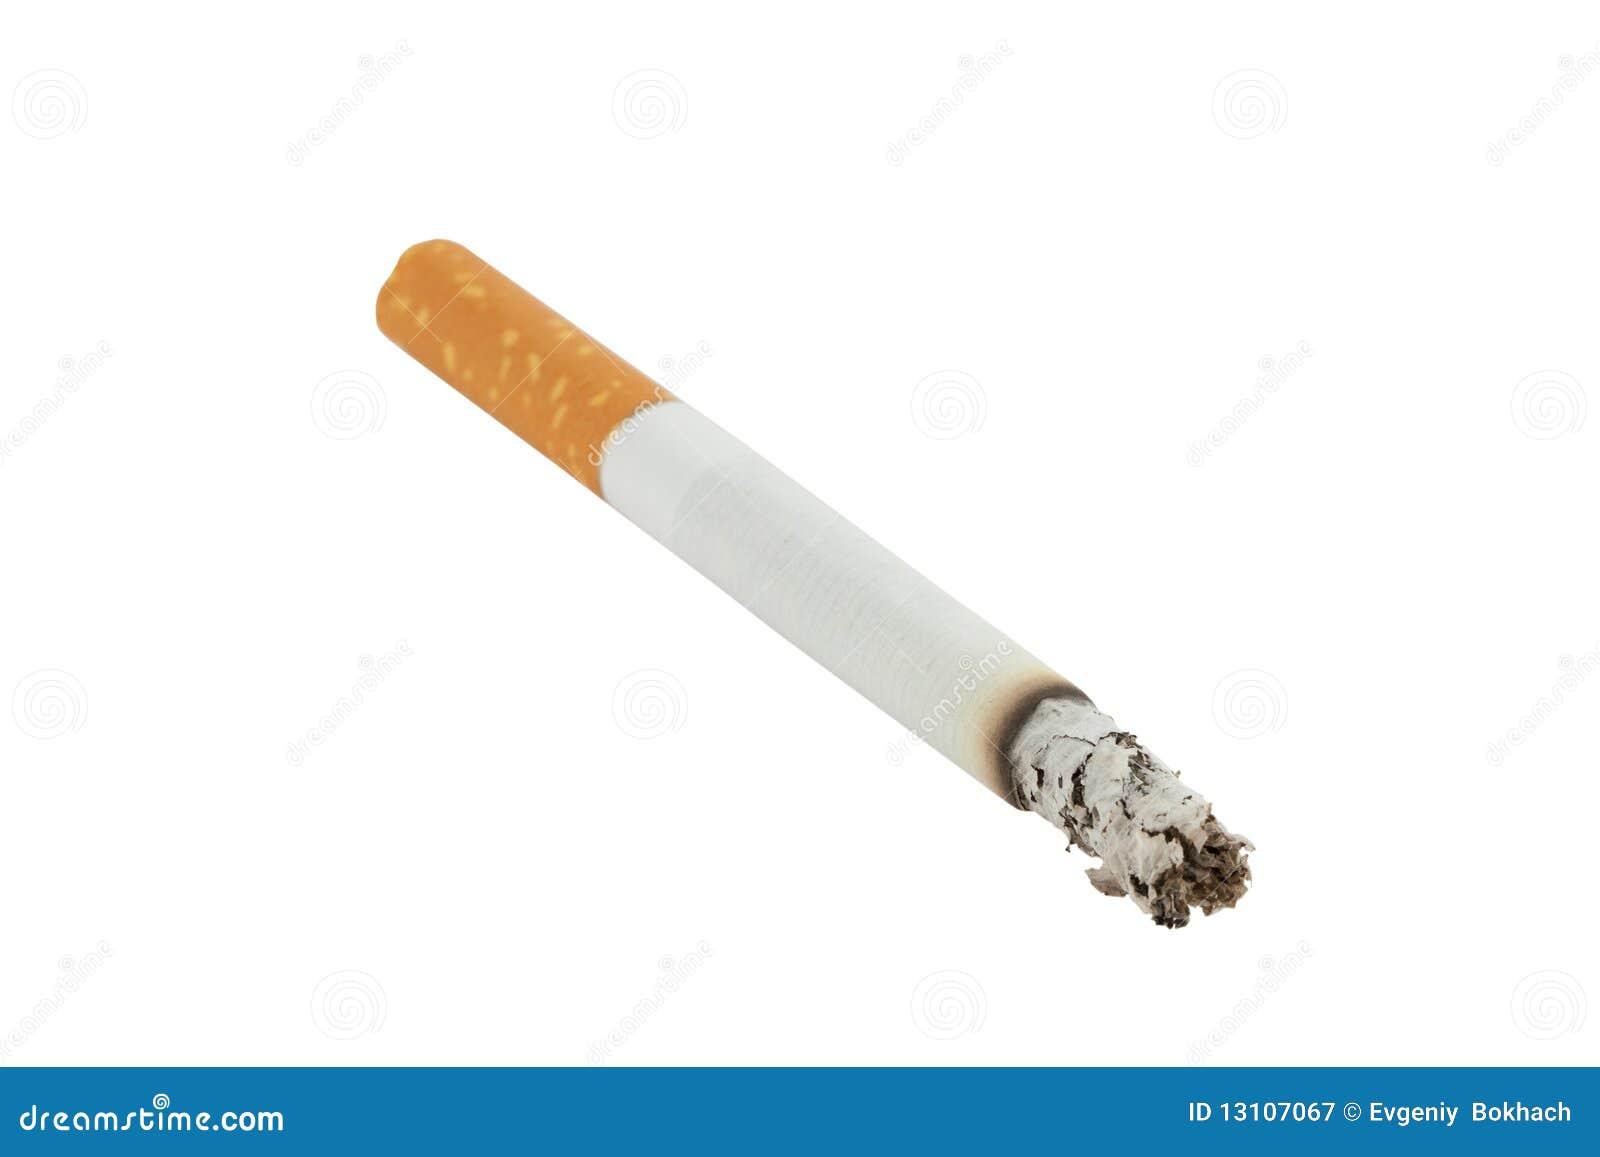 cigarette-13107067.jpg